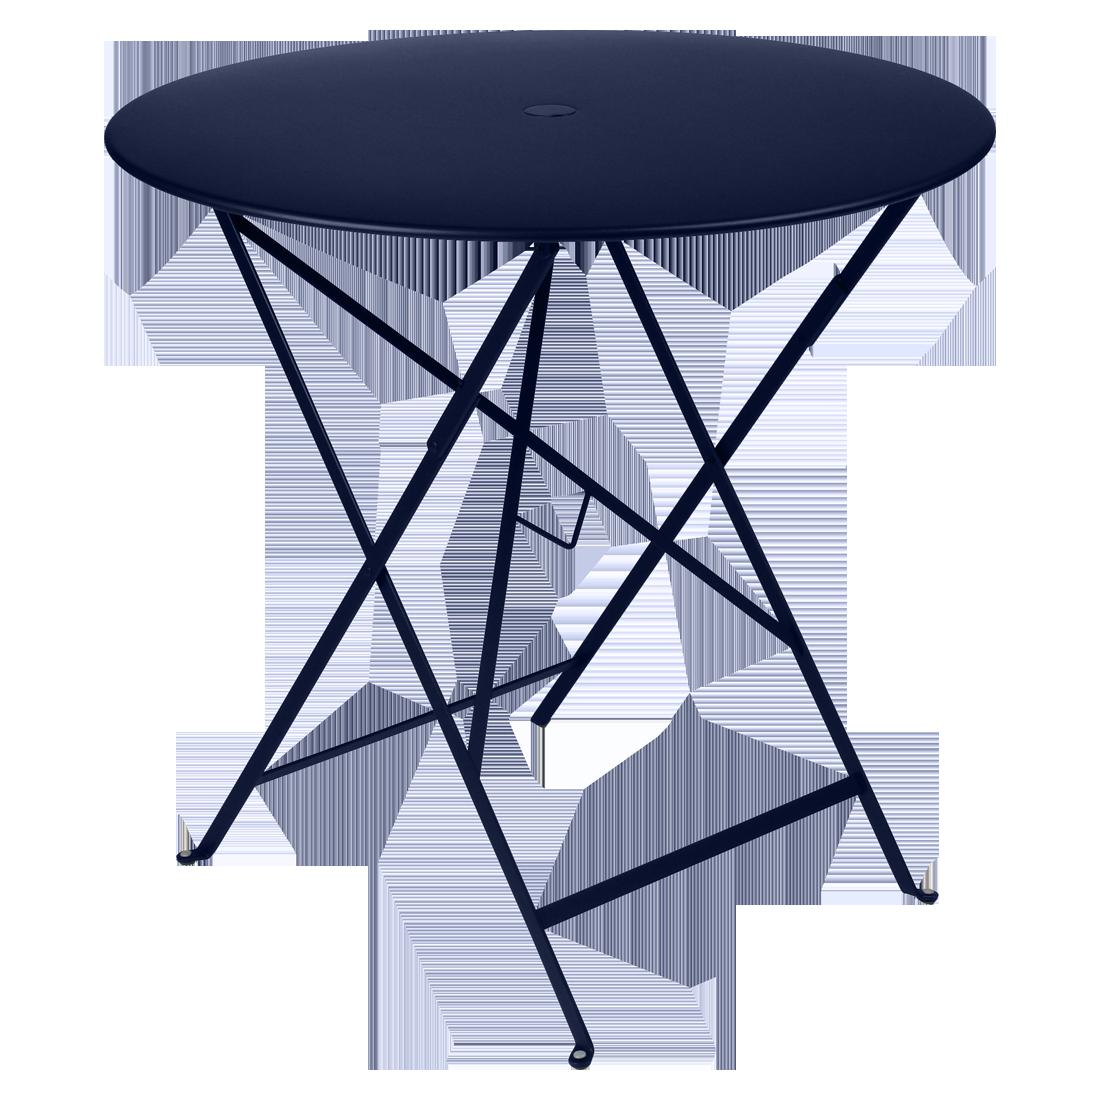 Tisch O 77 Cm Bistro Bistrotisch Klappbare Gartenmobel Klapptisch Rund Metall Esstisch Klapptisch